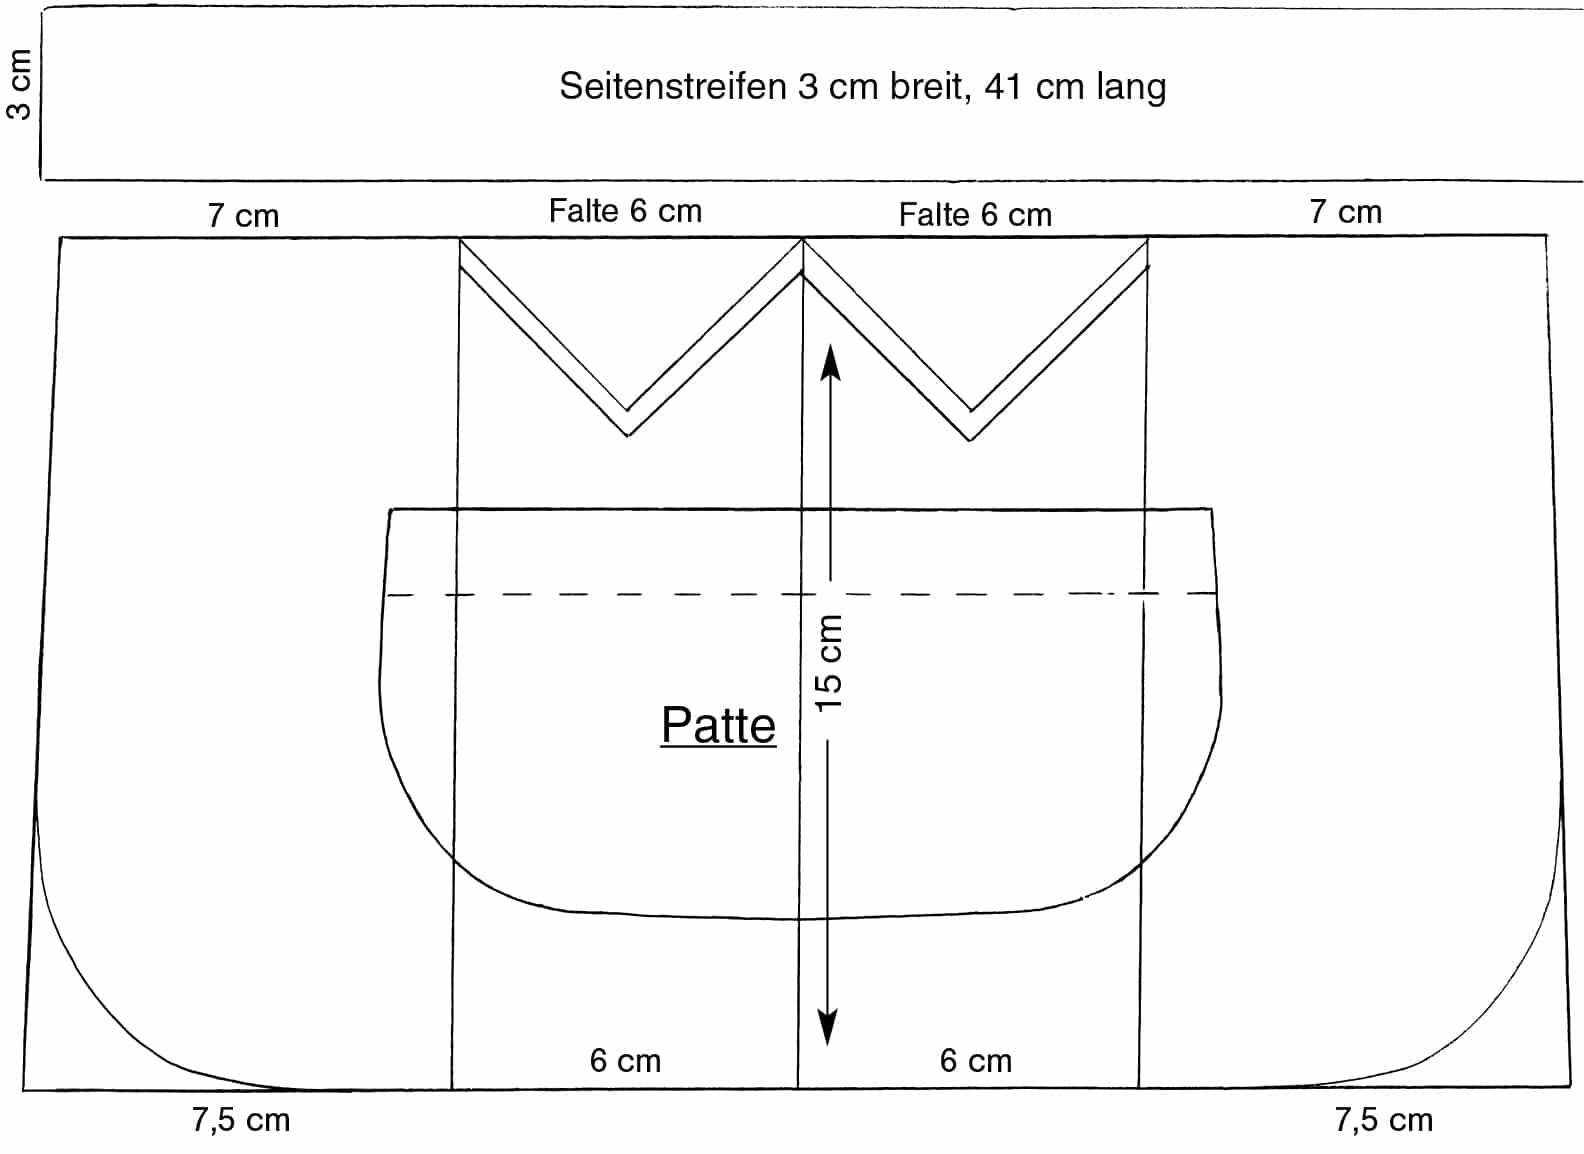 Die Schnittkonstruktion einer Tasche im Blasebalgstil ist abgebildet.